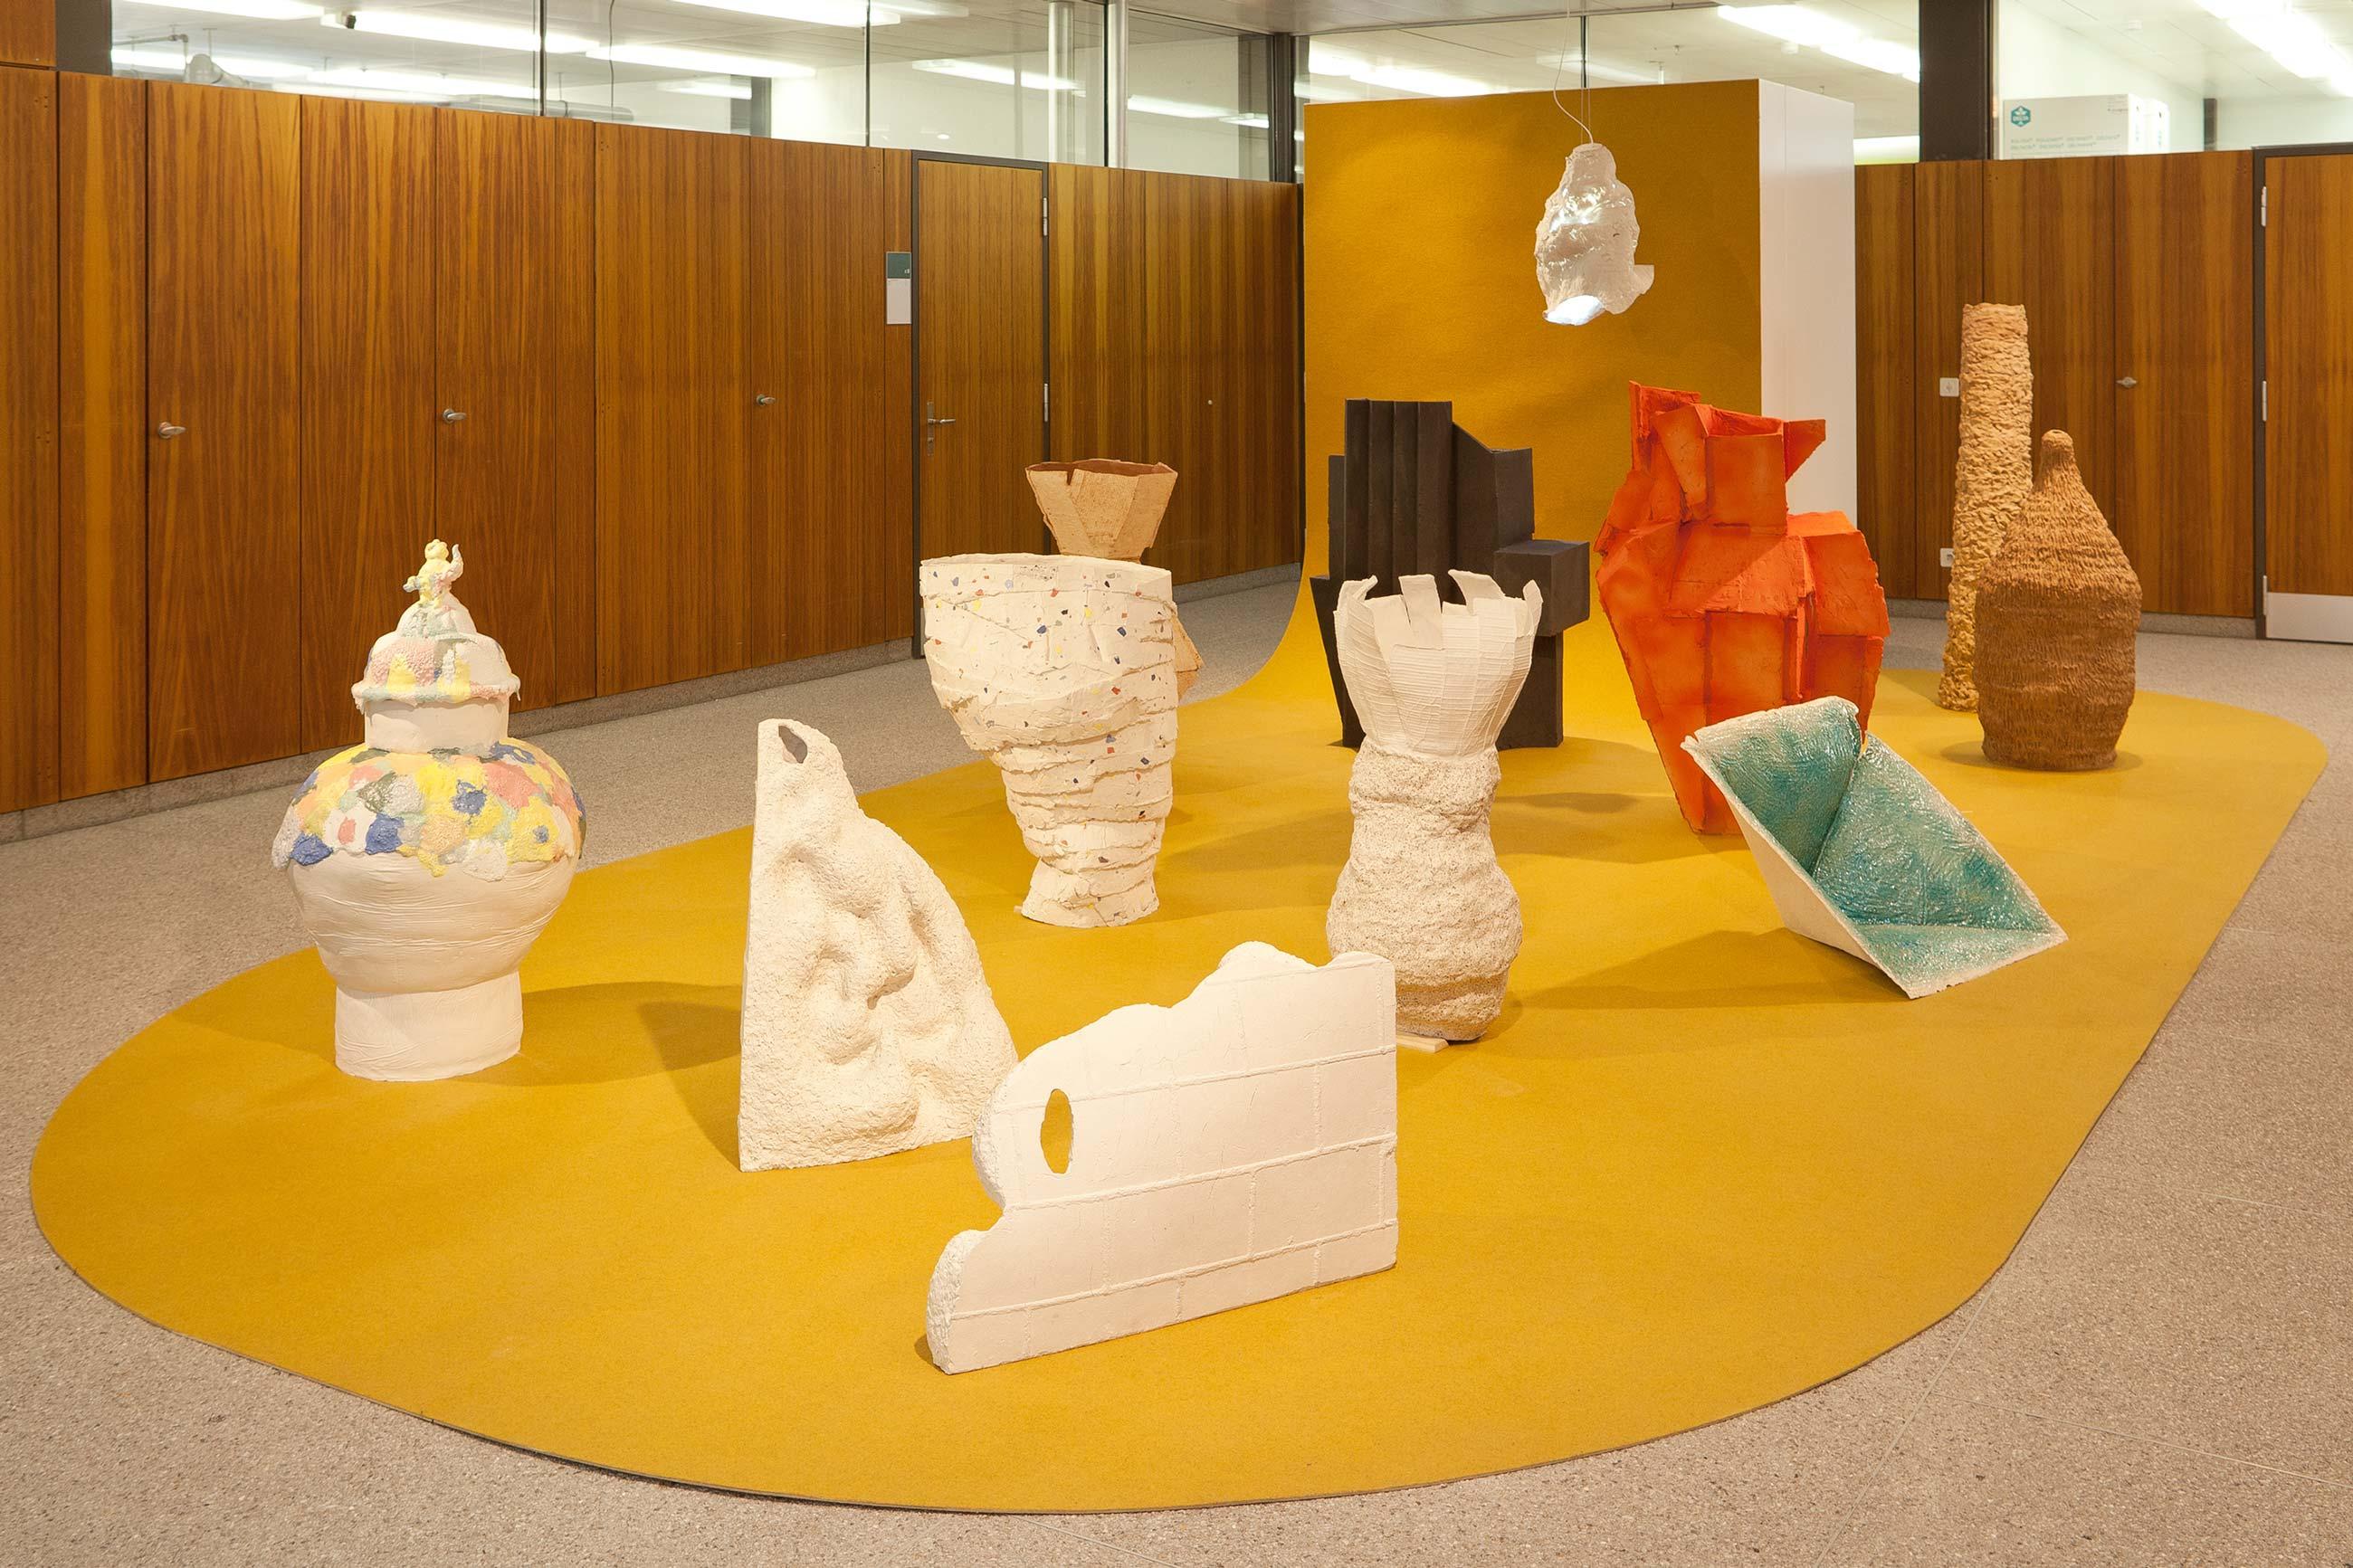 Schule für Gestaltung Bern und Biel Out of Mud, exhibition 01  ©Atelier Pol × Fabio Blaser